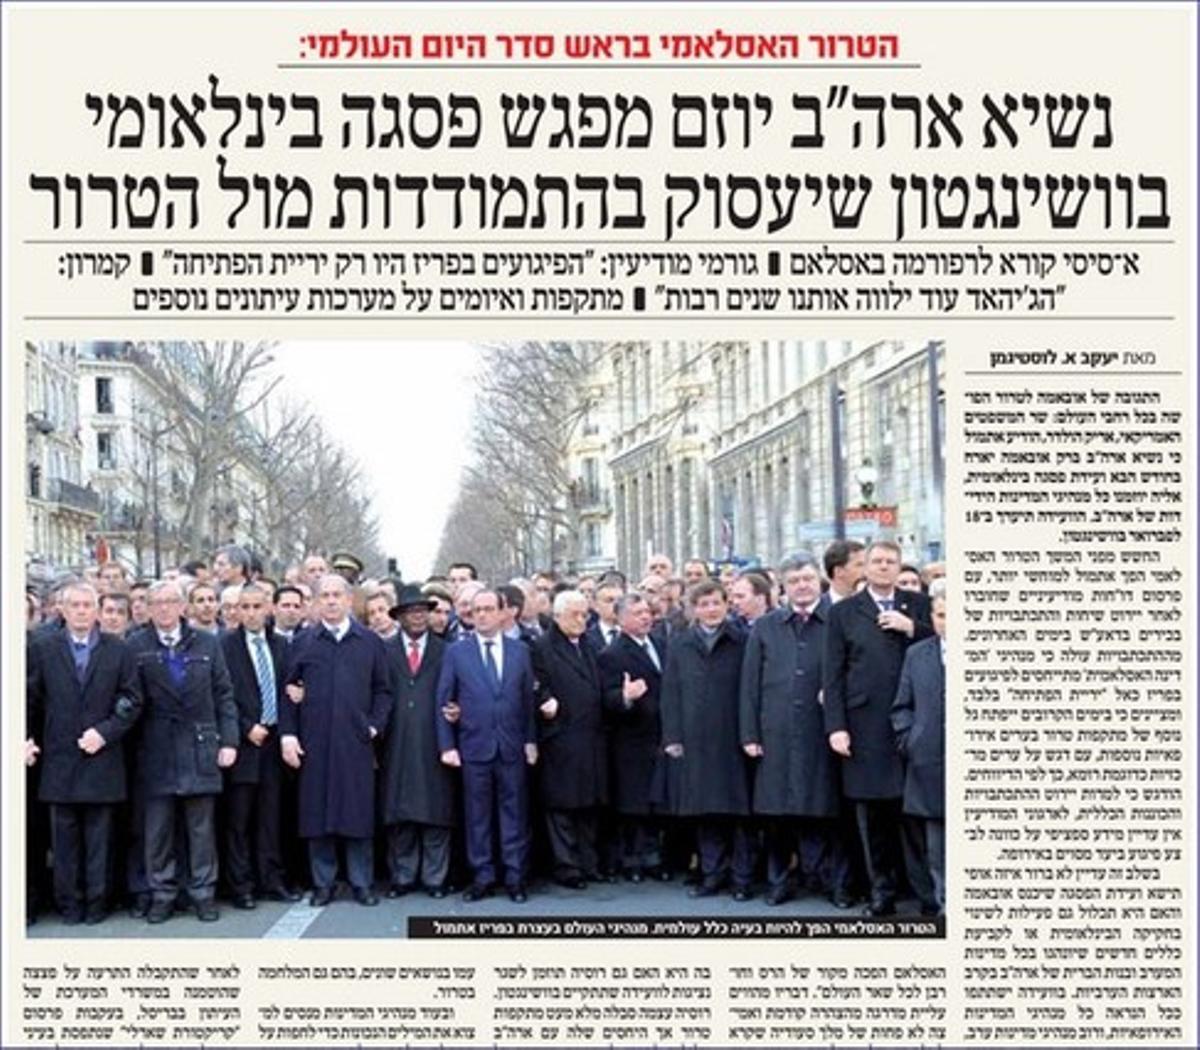 Portada del periódico ultraortodoxo israelí 'HaMevaser' con la imagen manipulada de la manifestación antiterrorista en París.